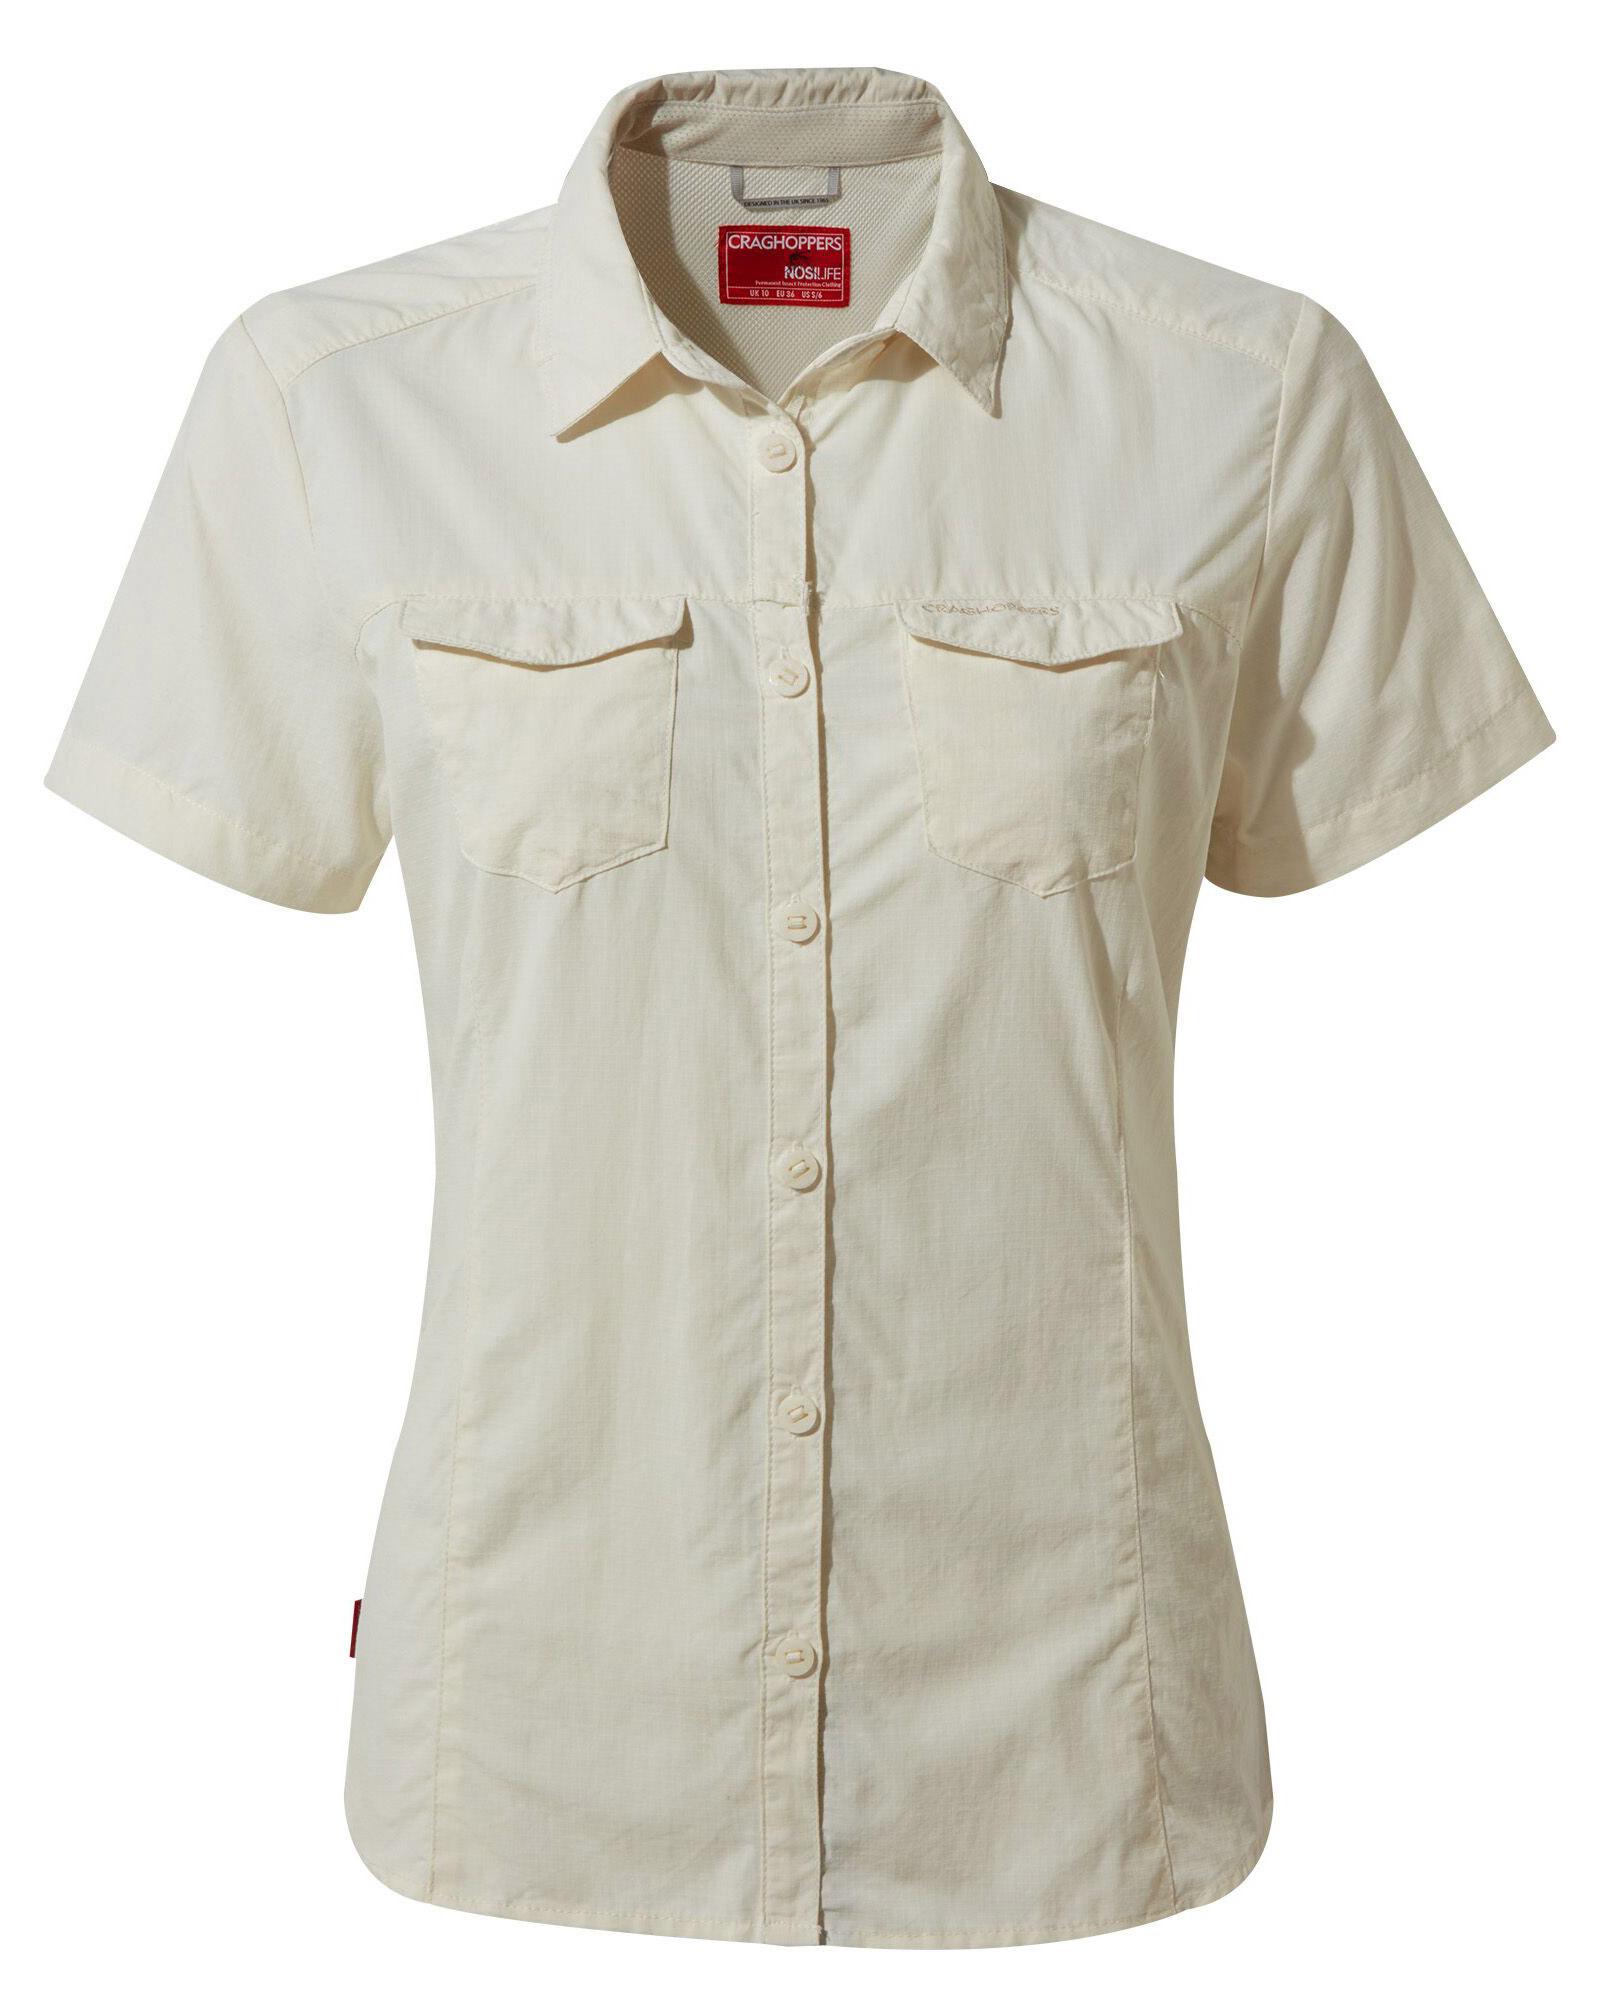 Craghoppers Women's NosiLife Short Sleeve Adventure Shirt 0